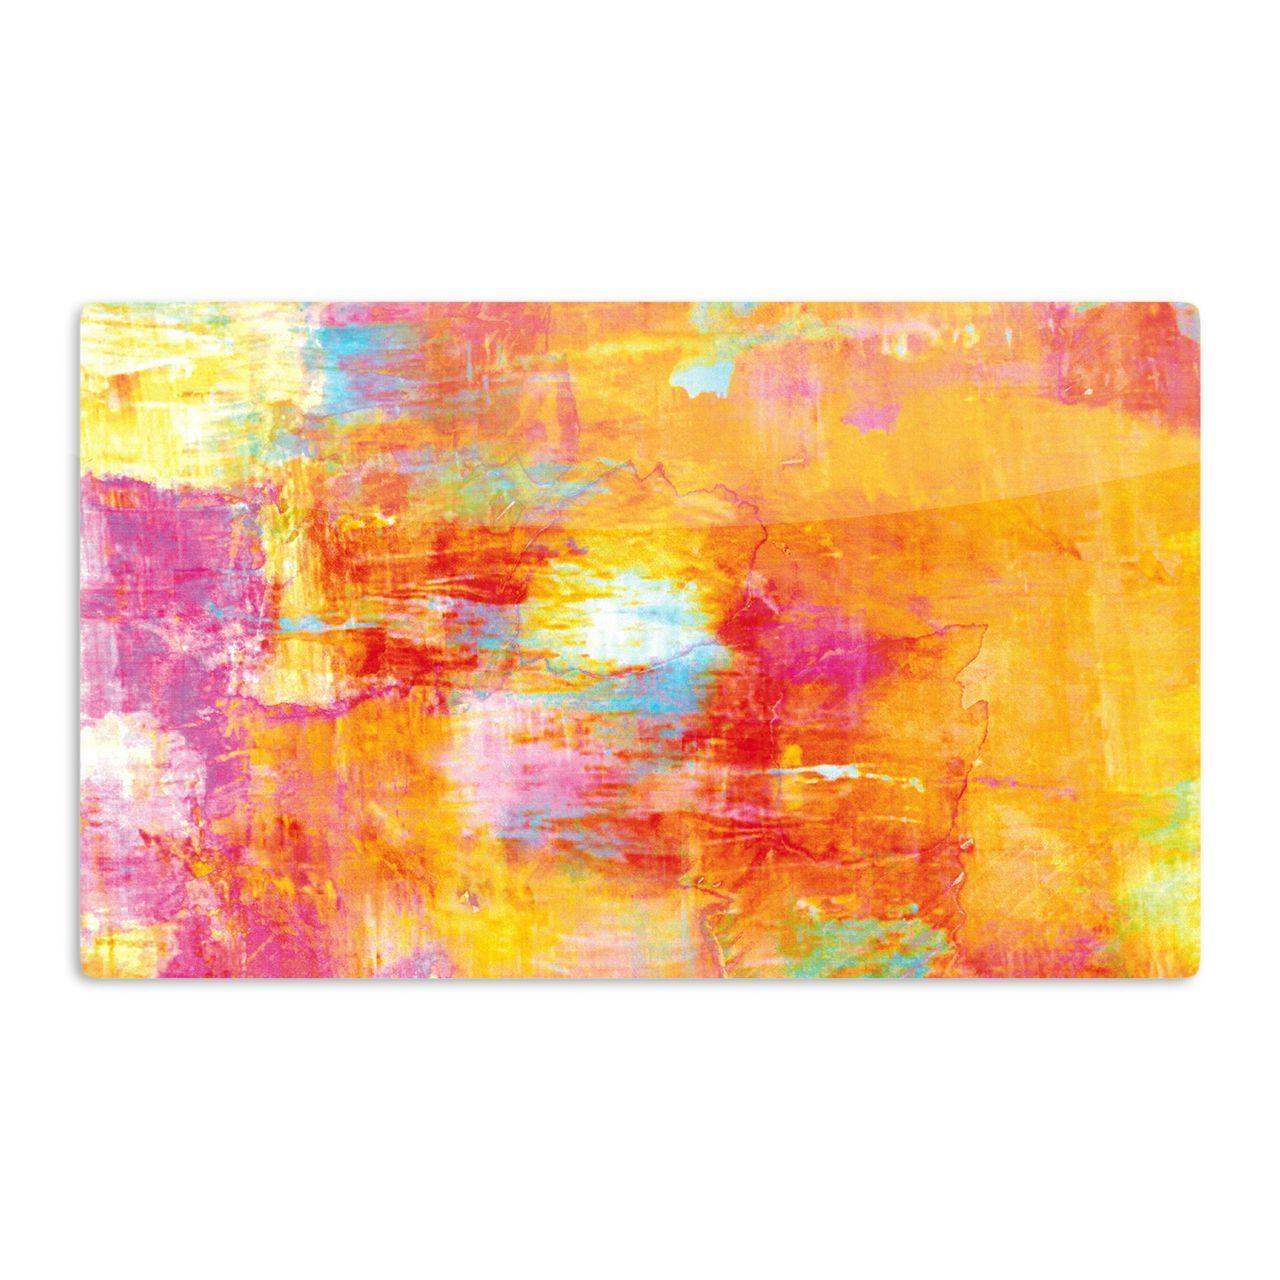 Kess InHouse Ebi Emporium 'Off The Grid' Orange Rainbow Artistic Magnet